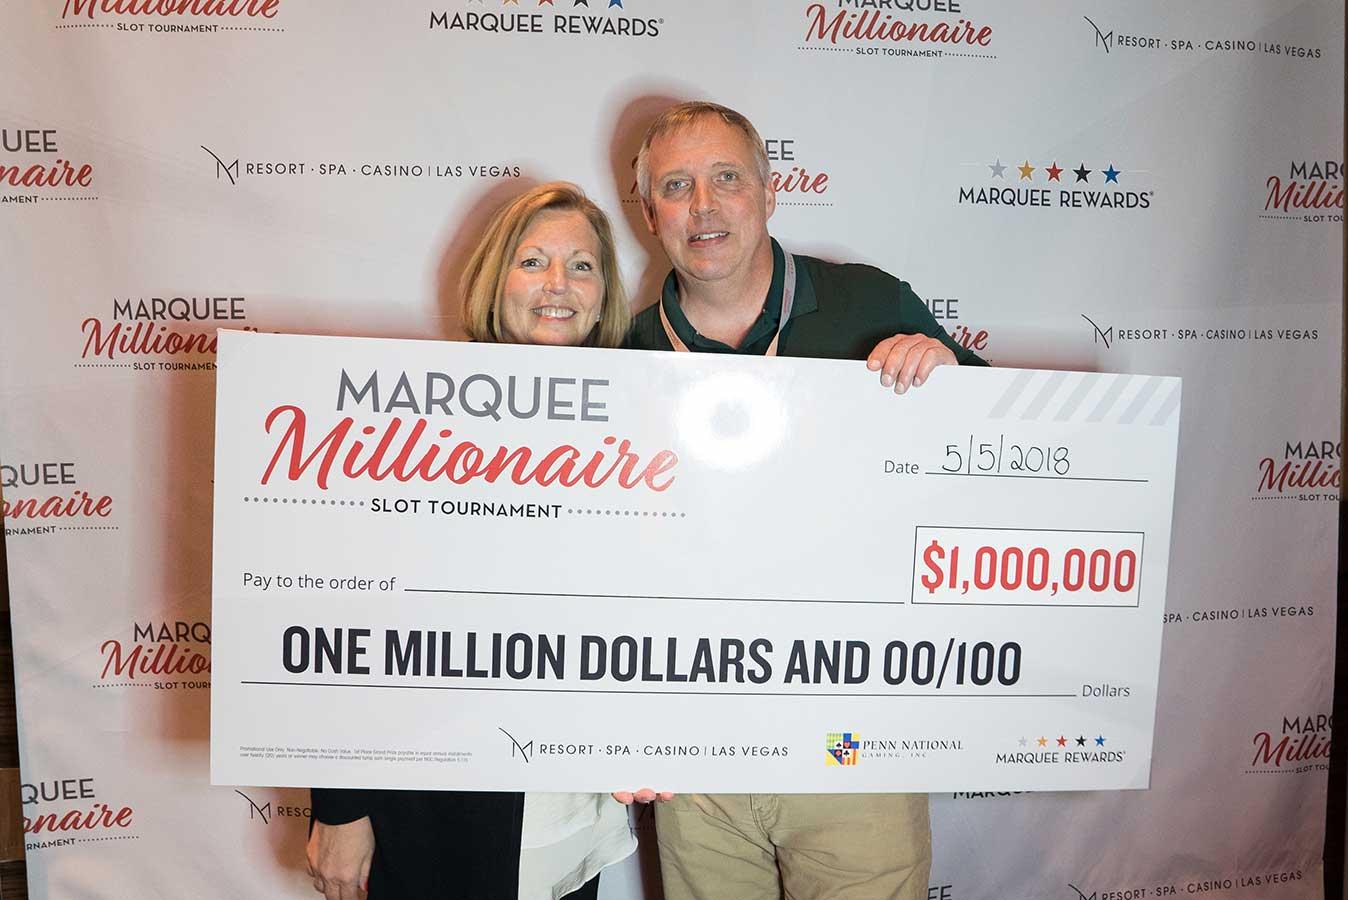 Indiana Man Wins $1 Million